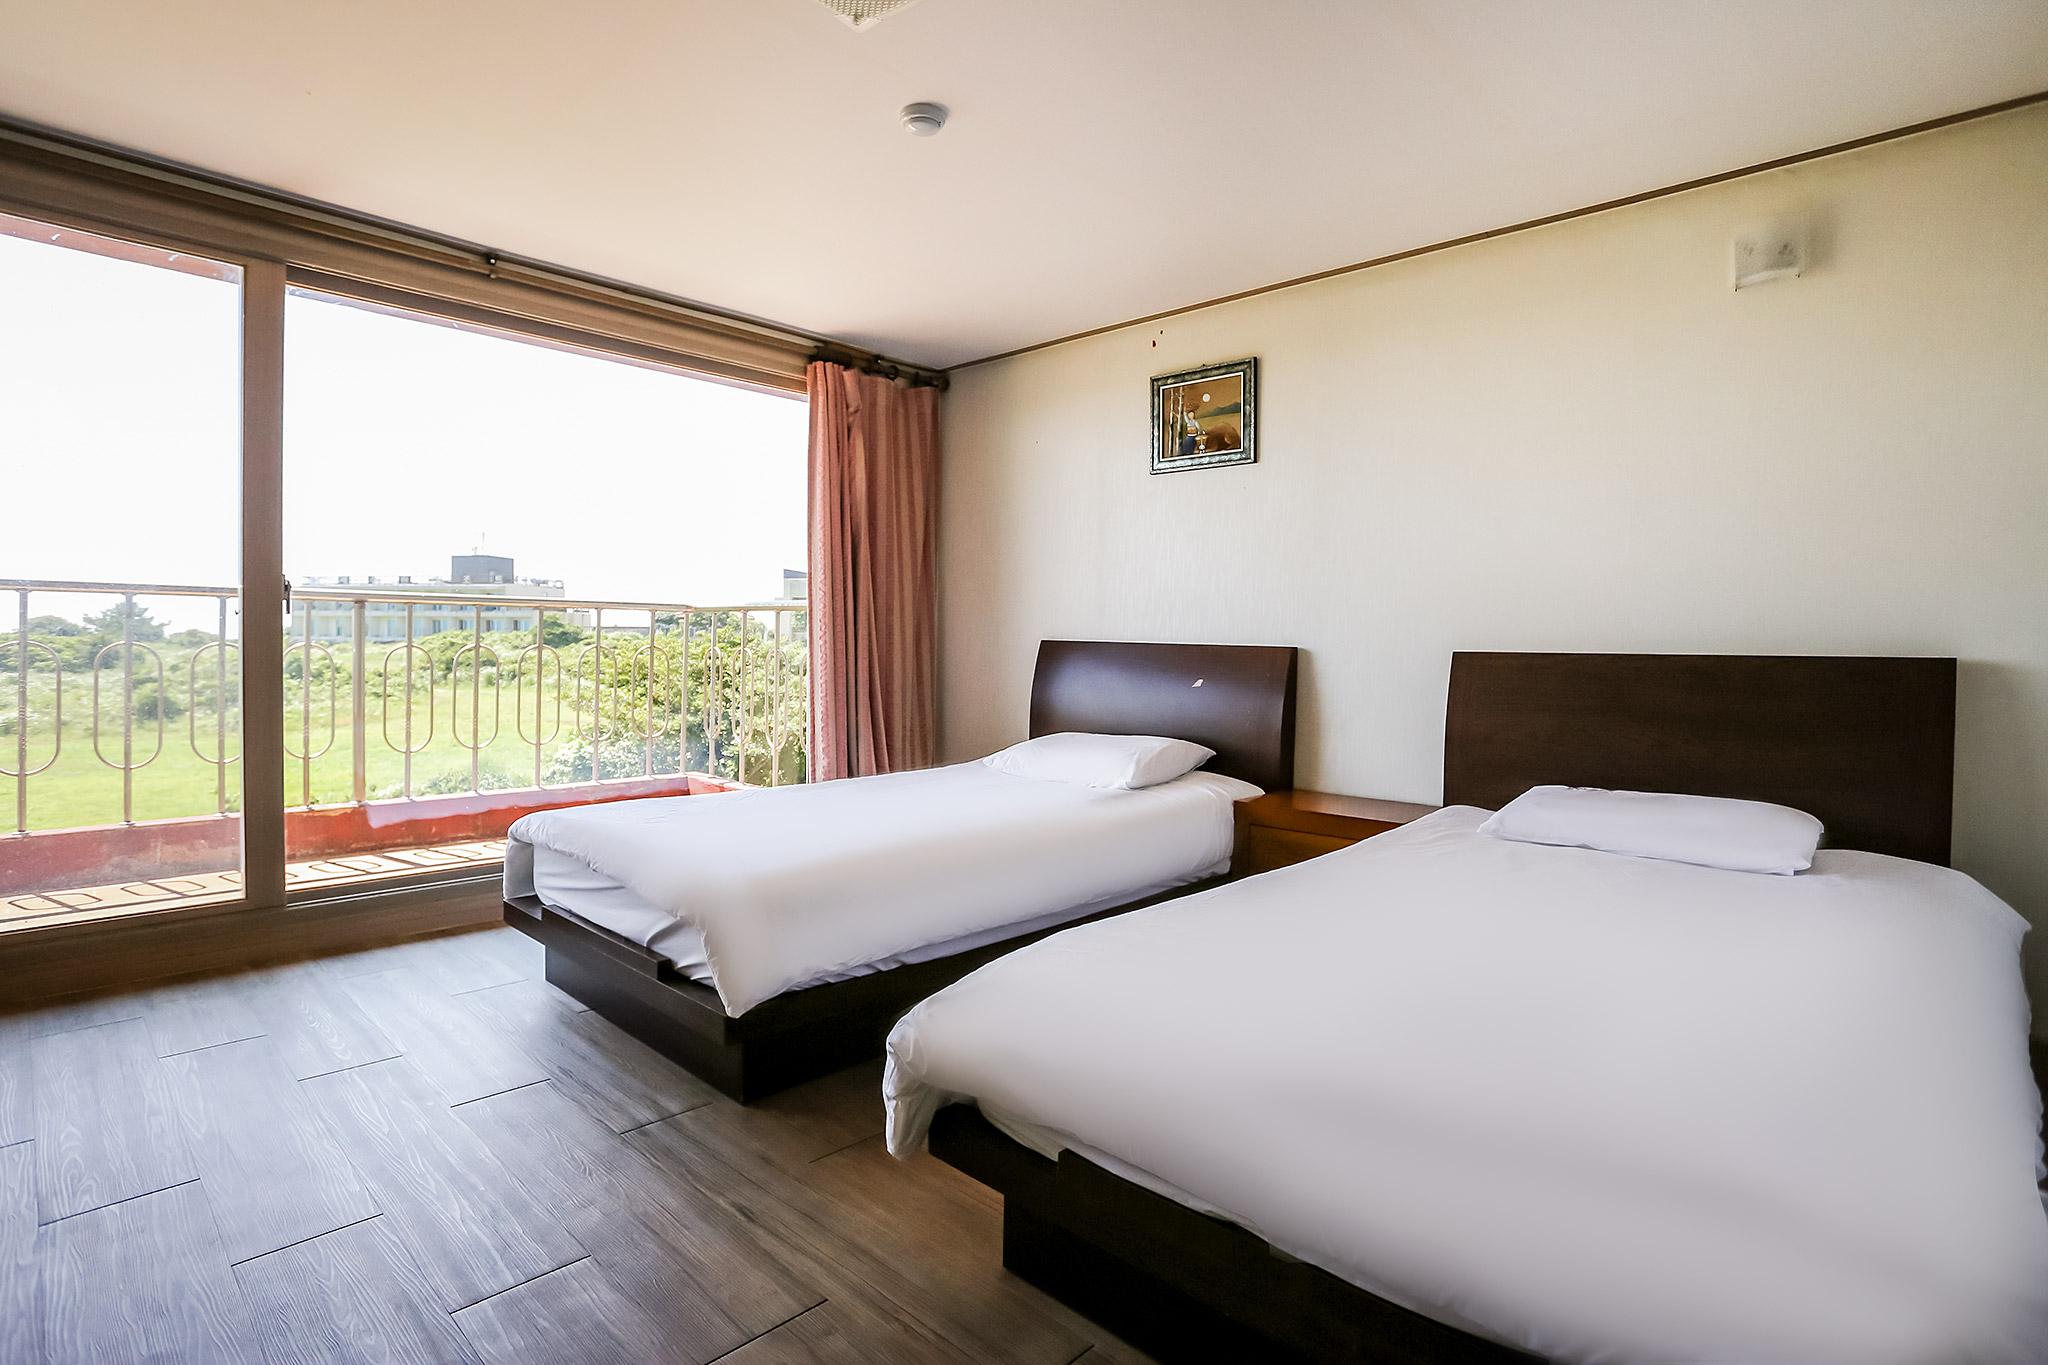 서귀포(성산) 엔파제주호텔 썸네일5